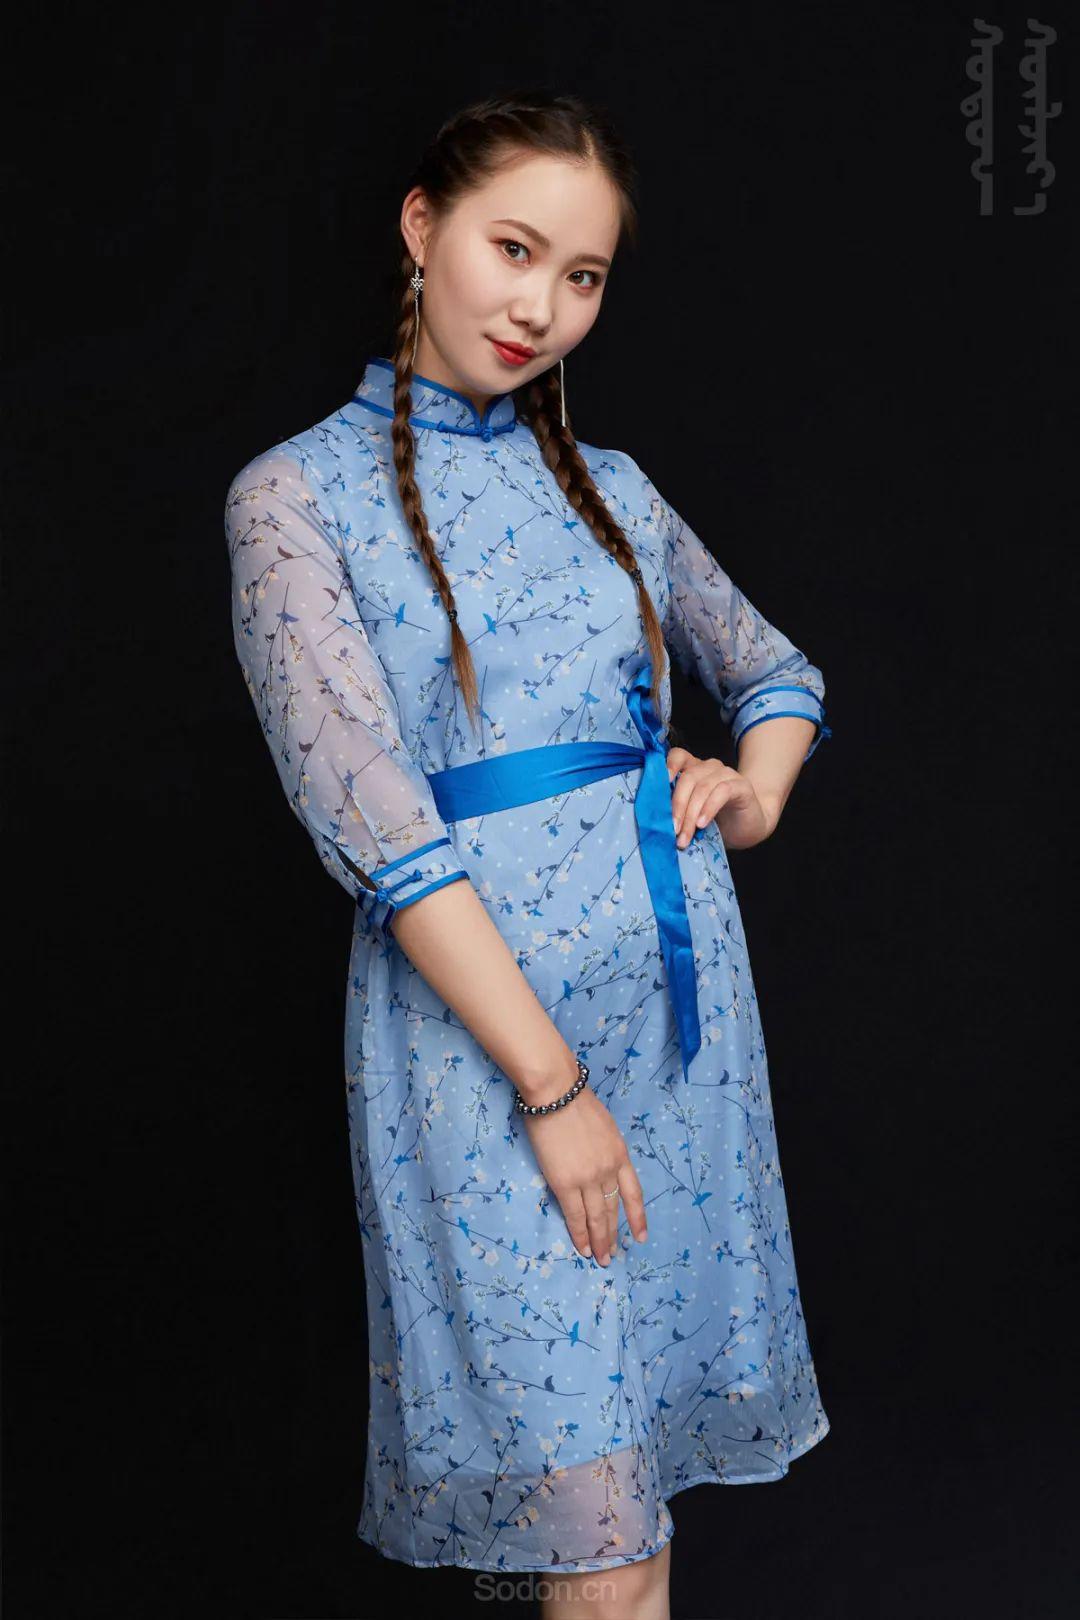 DOMOG蒙古时装2020新款夏季连衣裙首发,618钜惠七折! 第11张